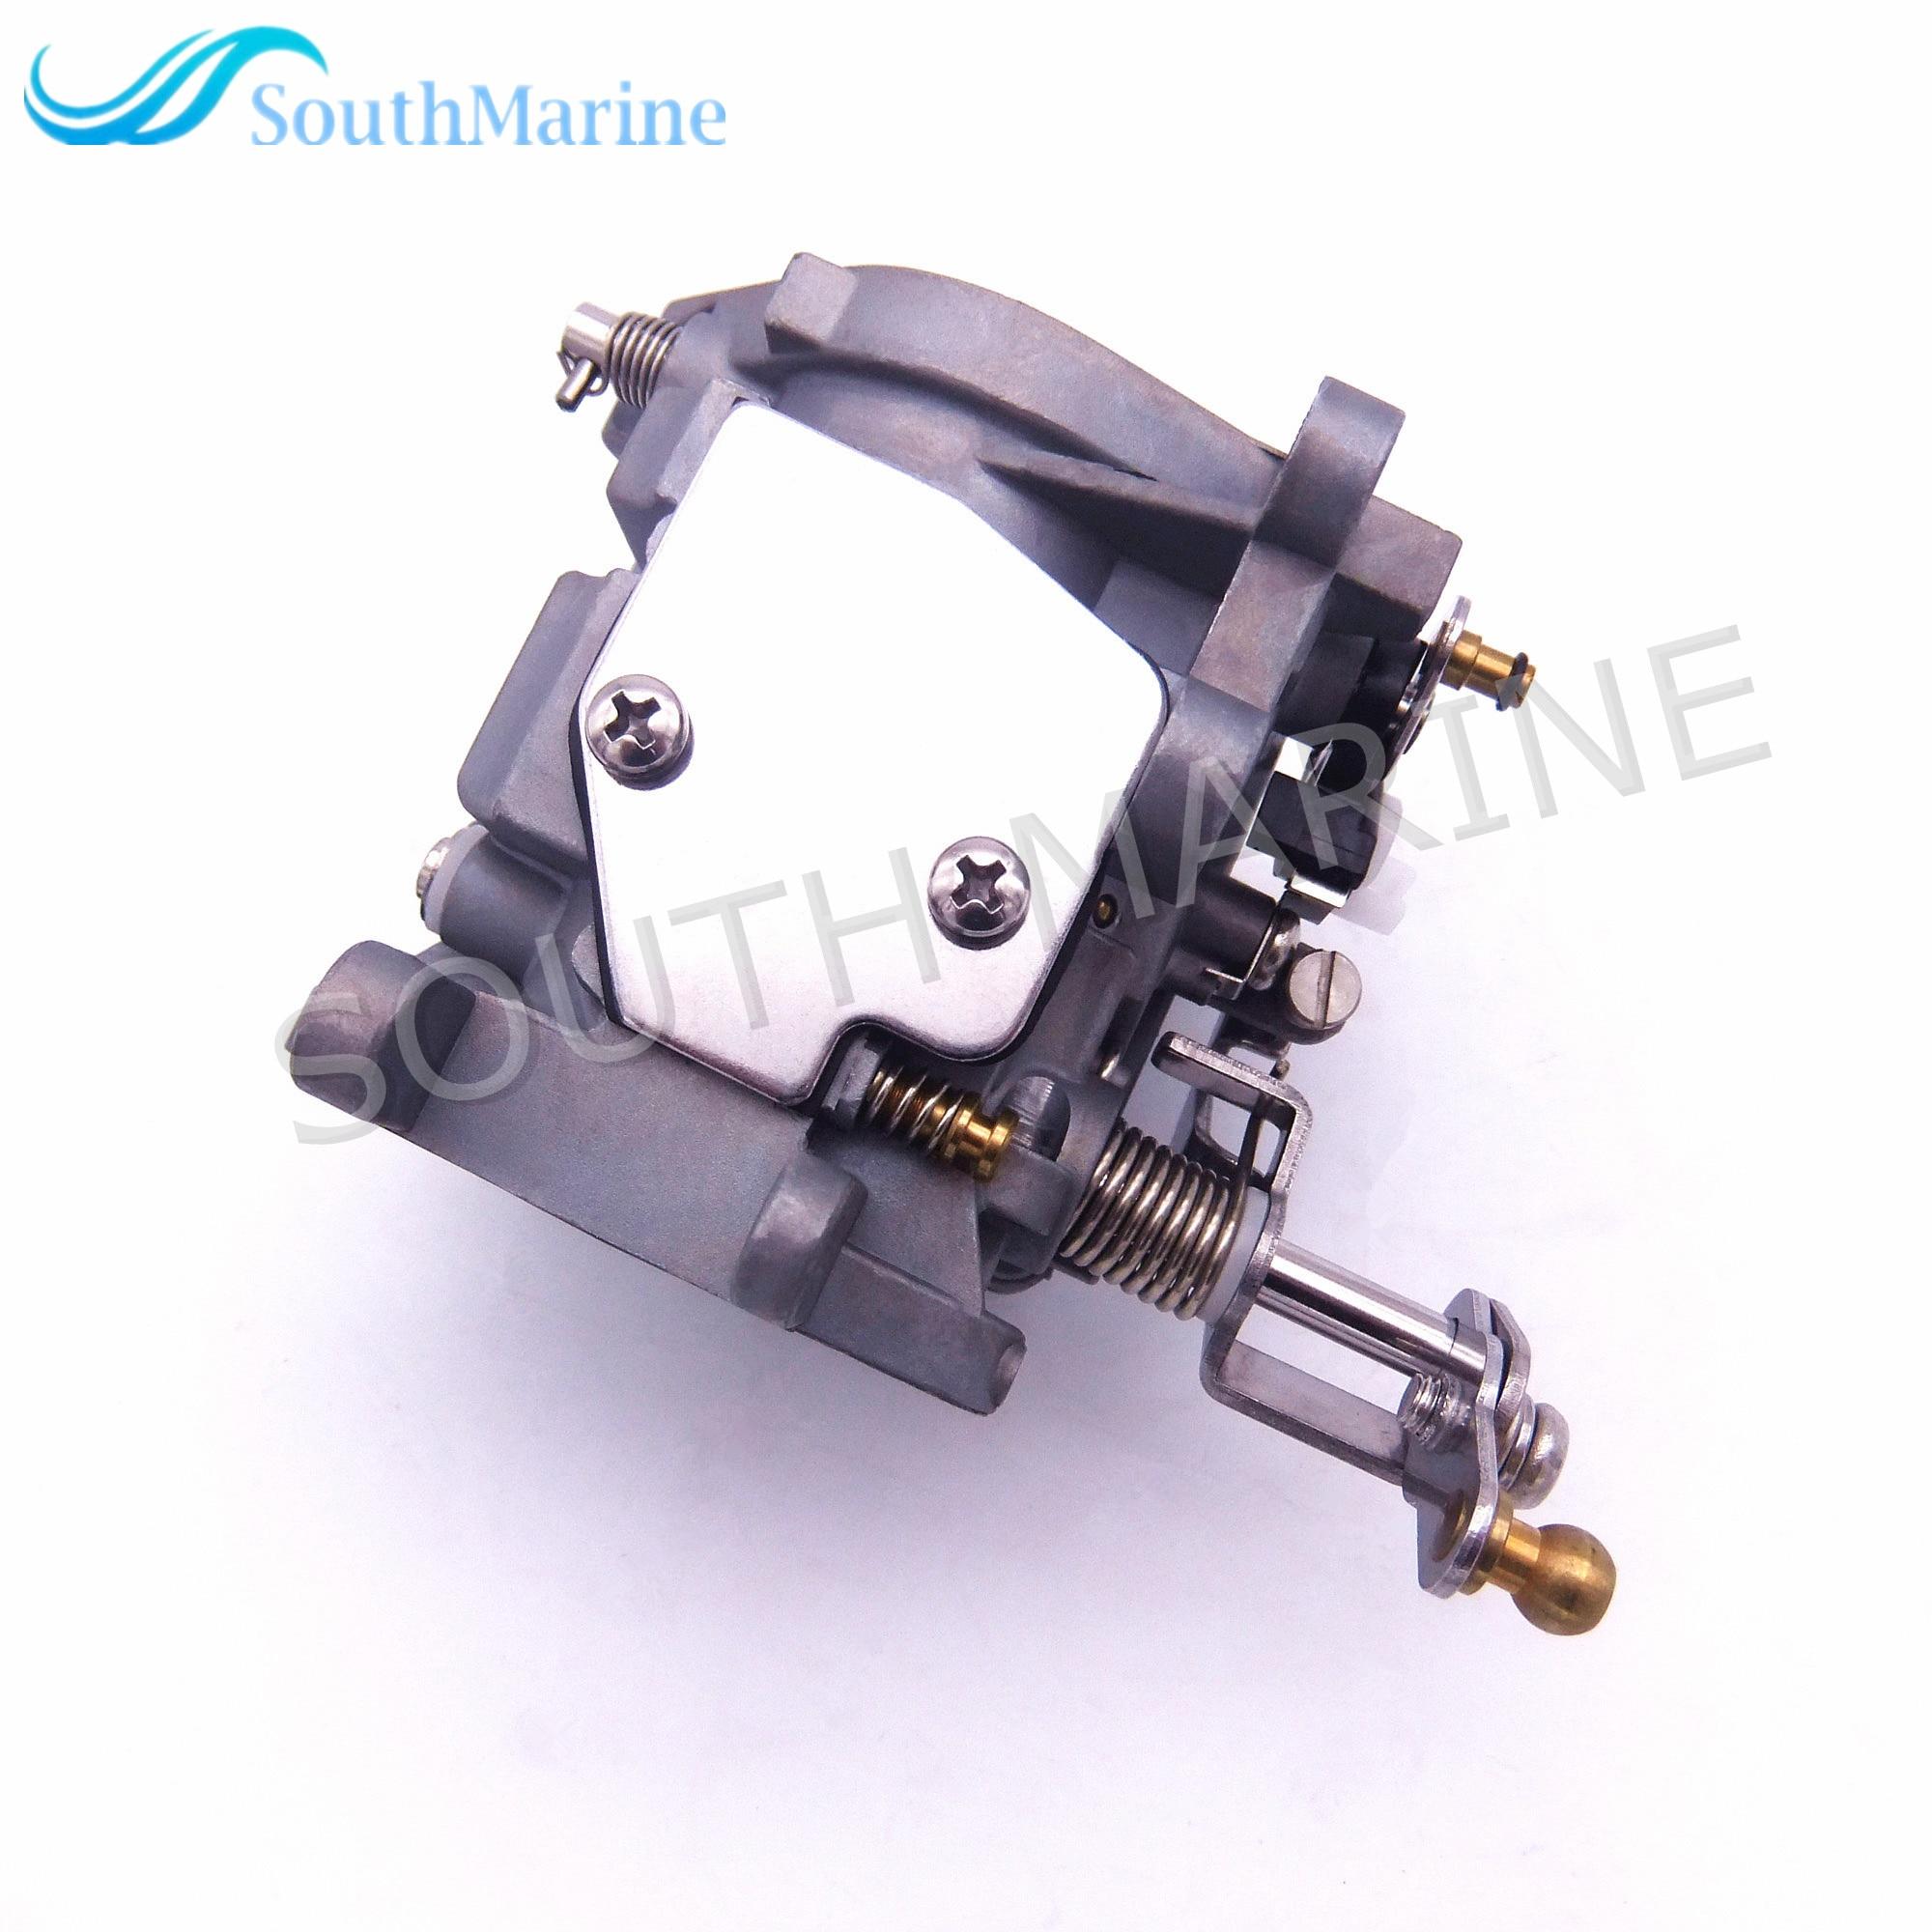 Motore fuoribordo Barca A Motore Carburatore Assy 69P-14301-00 69S-14301-00 per Yamaha 2 tempi E25B E30H 25B 30 H Spedizione Gratuita